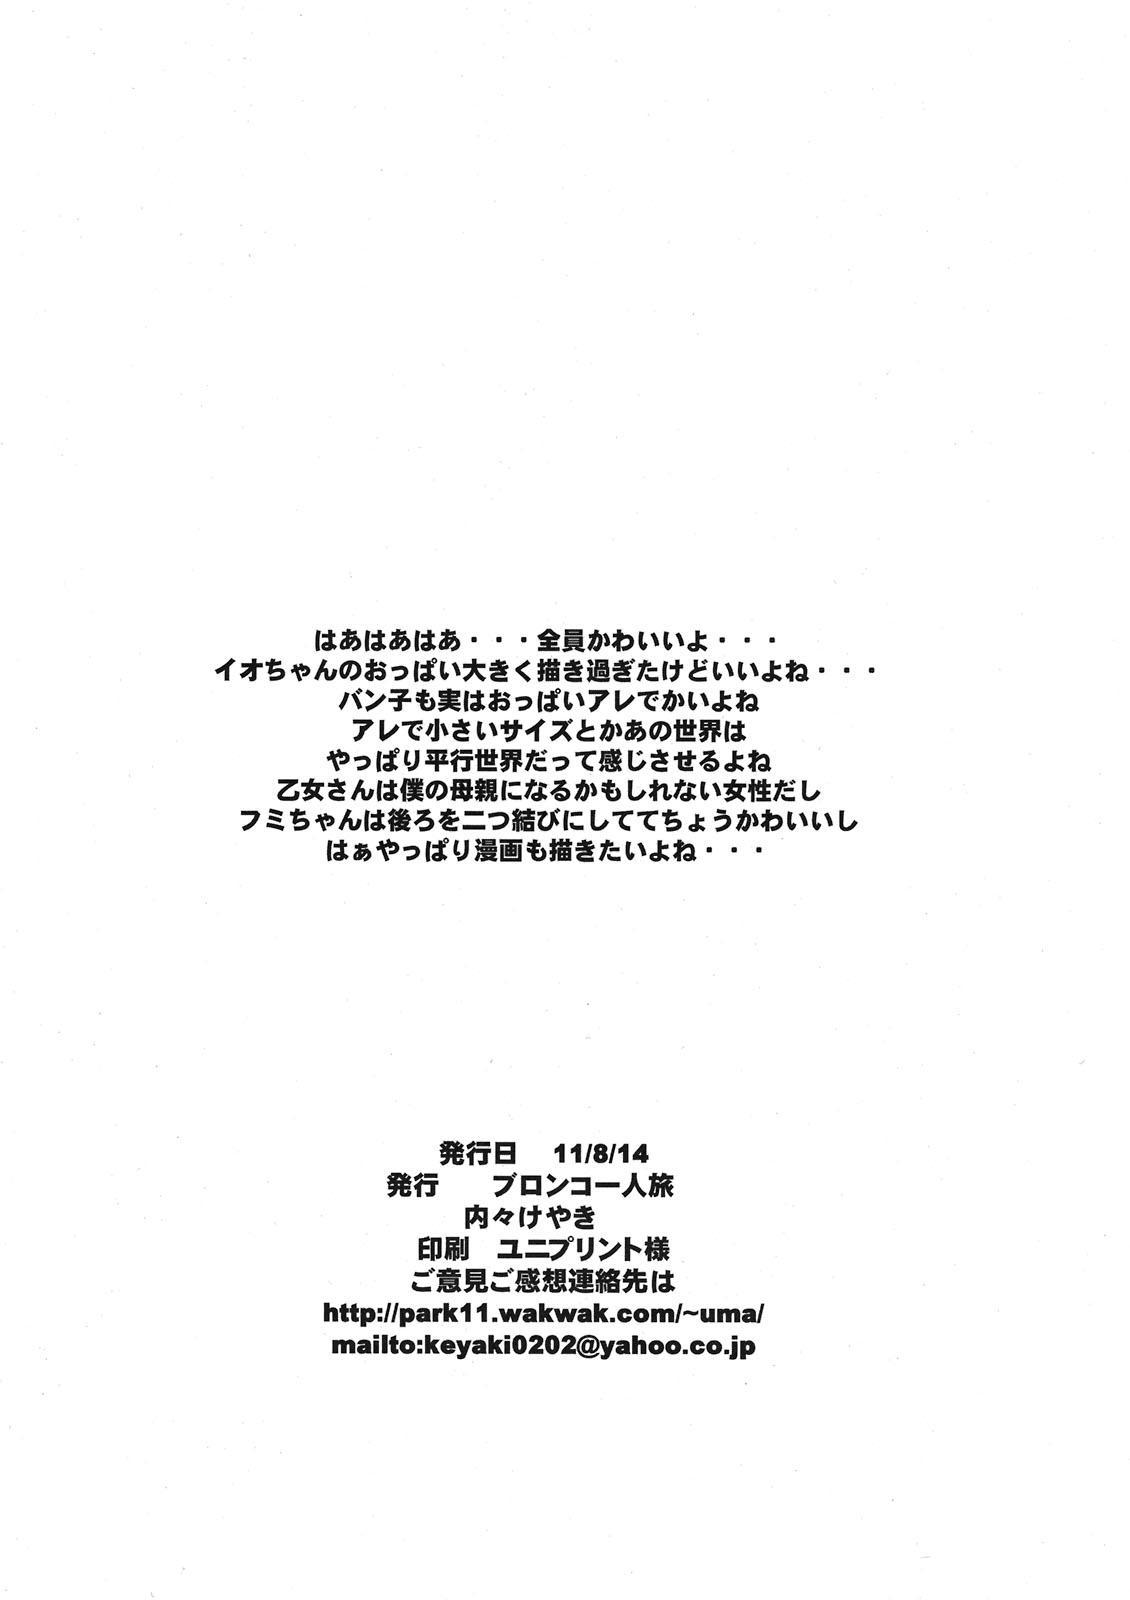 Ikigao Douga ga UP Sareta yo! Eromanga de Yoku Iru Zetsurin no Kitanai Chuunen no Netori Nikki Mitai na Site ni. 1